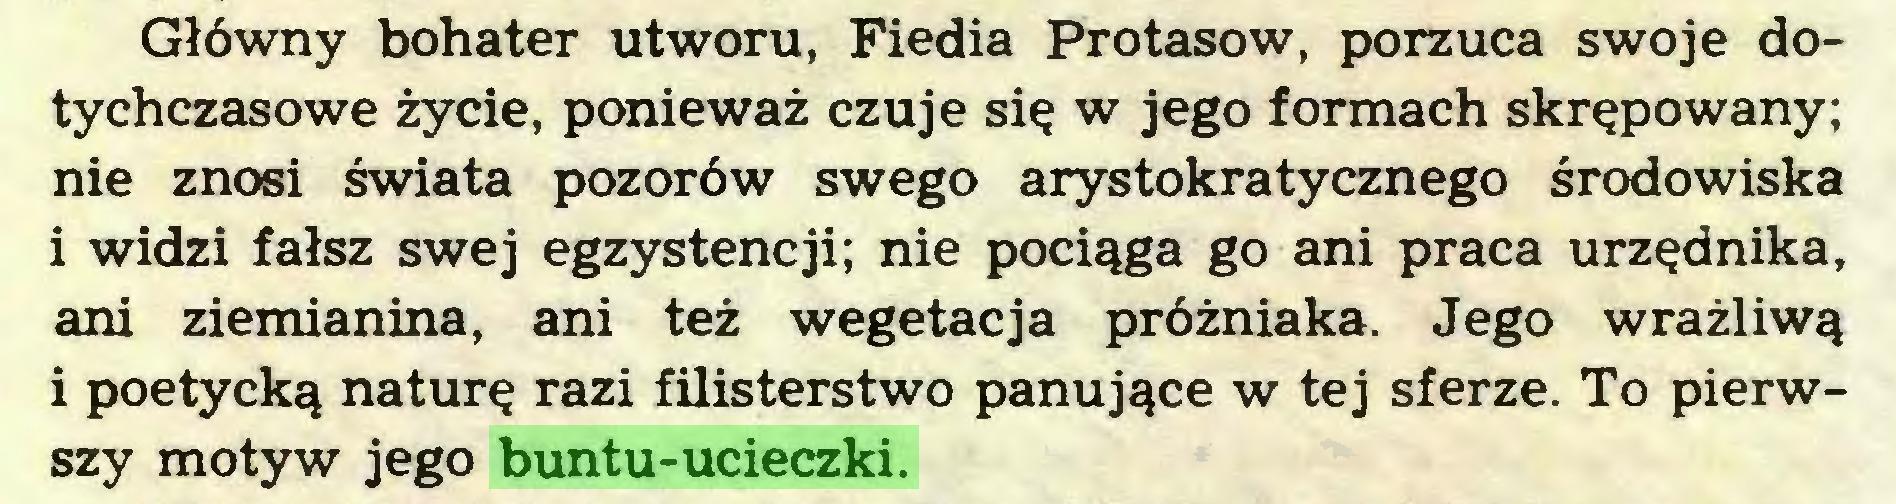 (...) Główny bohater utworu, Fiedia Protasow, porzuca swoje dotychczasowe życie, ponieważ czuje się w jego formach skrępowany; nie znosi świata pozorów swego arystokratycznego środowiska i widzi fałsz swej egzystencji; nie pociąga go ani praca urzędnika, ani ziemianina, ani też wegetacja próżniaka. Jego wrażliwą i poetycką naturę razi filisterstwo panujące w tej sferze. To pierwszy motyw jego buntu-ucieczki...